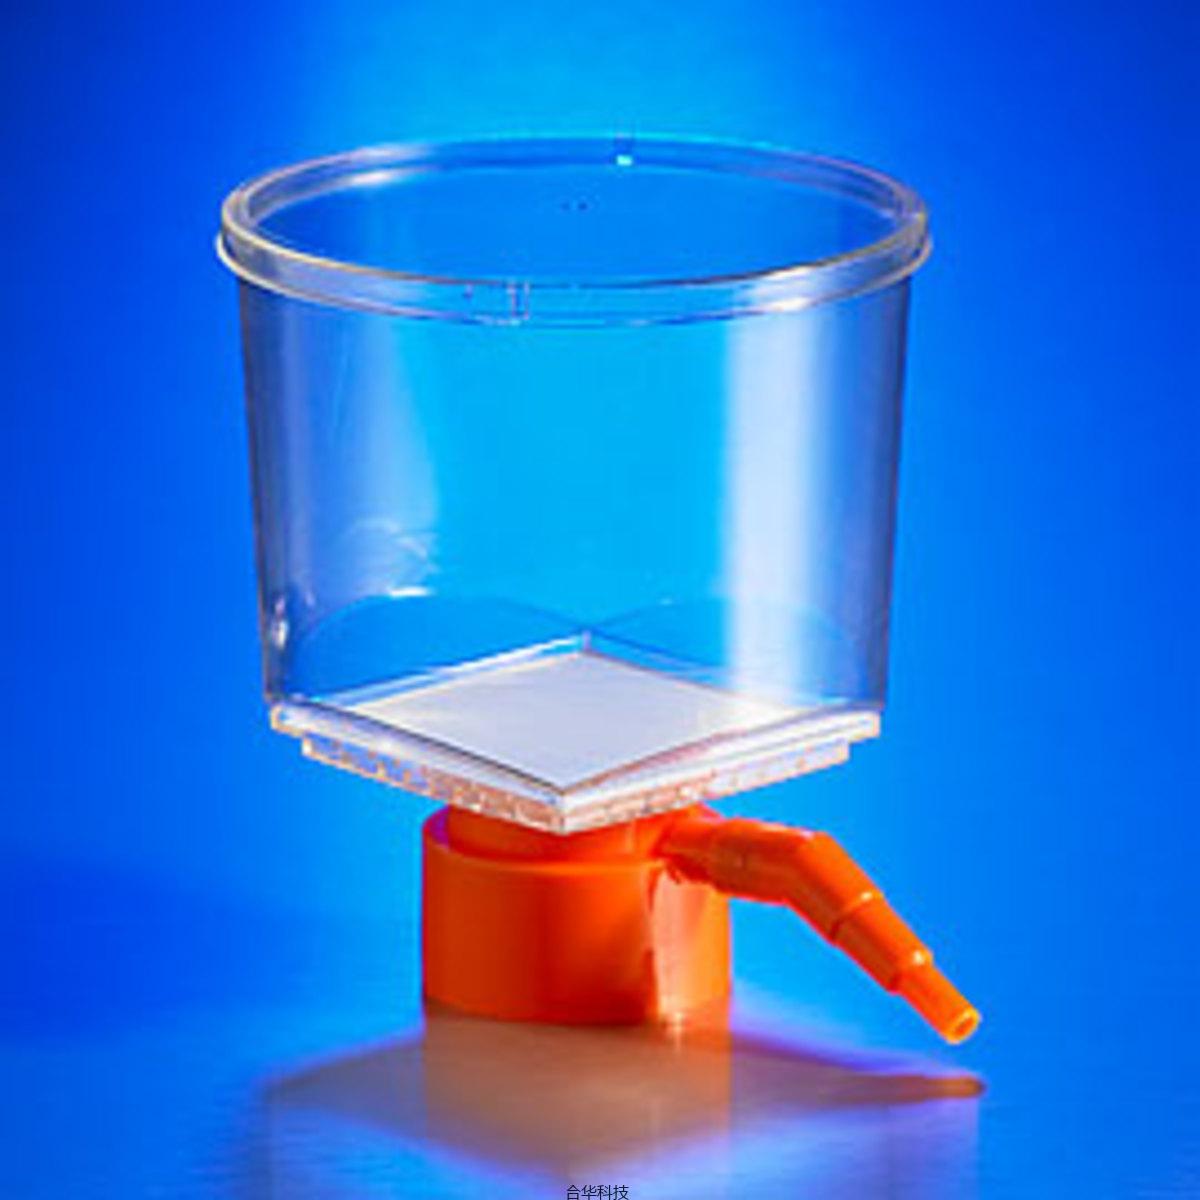 康宁®150mL瓶顶真空过滤器